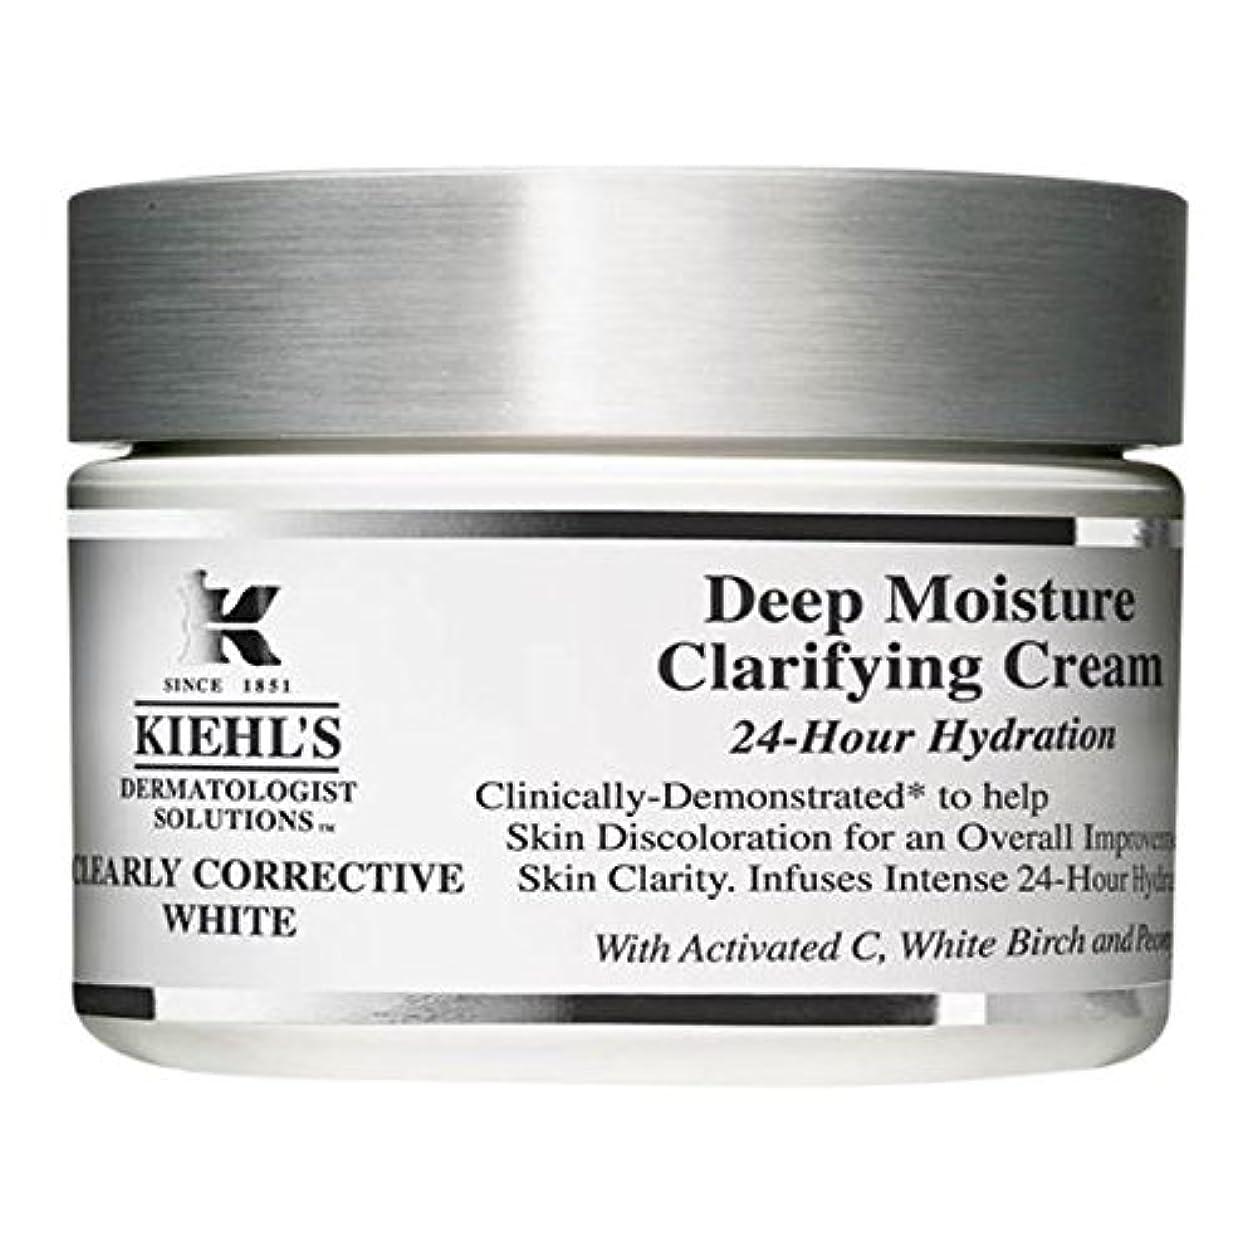 ご覧ください明らか遺伝子[Kiehl's] キールズ明確に是正白深い水分清澄クリーム - Kiehl's Clearly Corrective White Deep Moisture Clarifying Cream [並行輸入品]